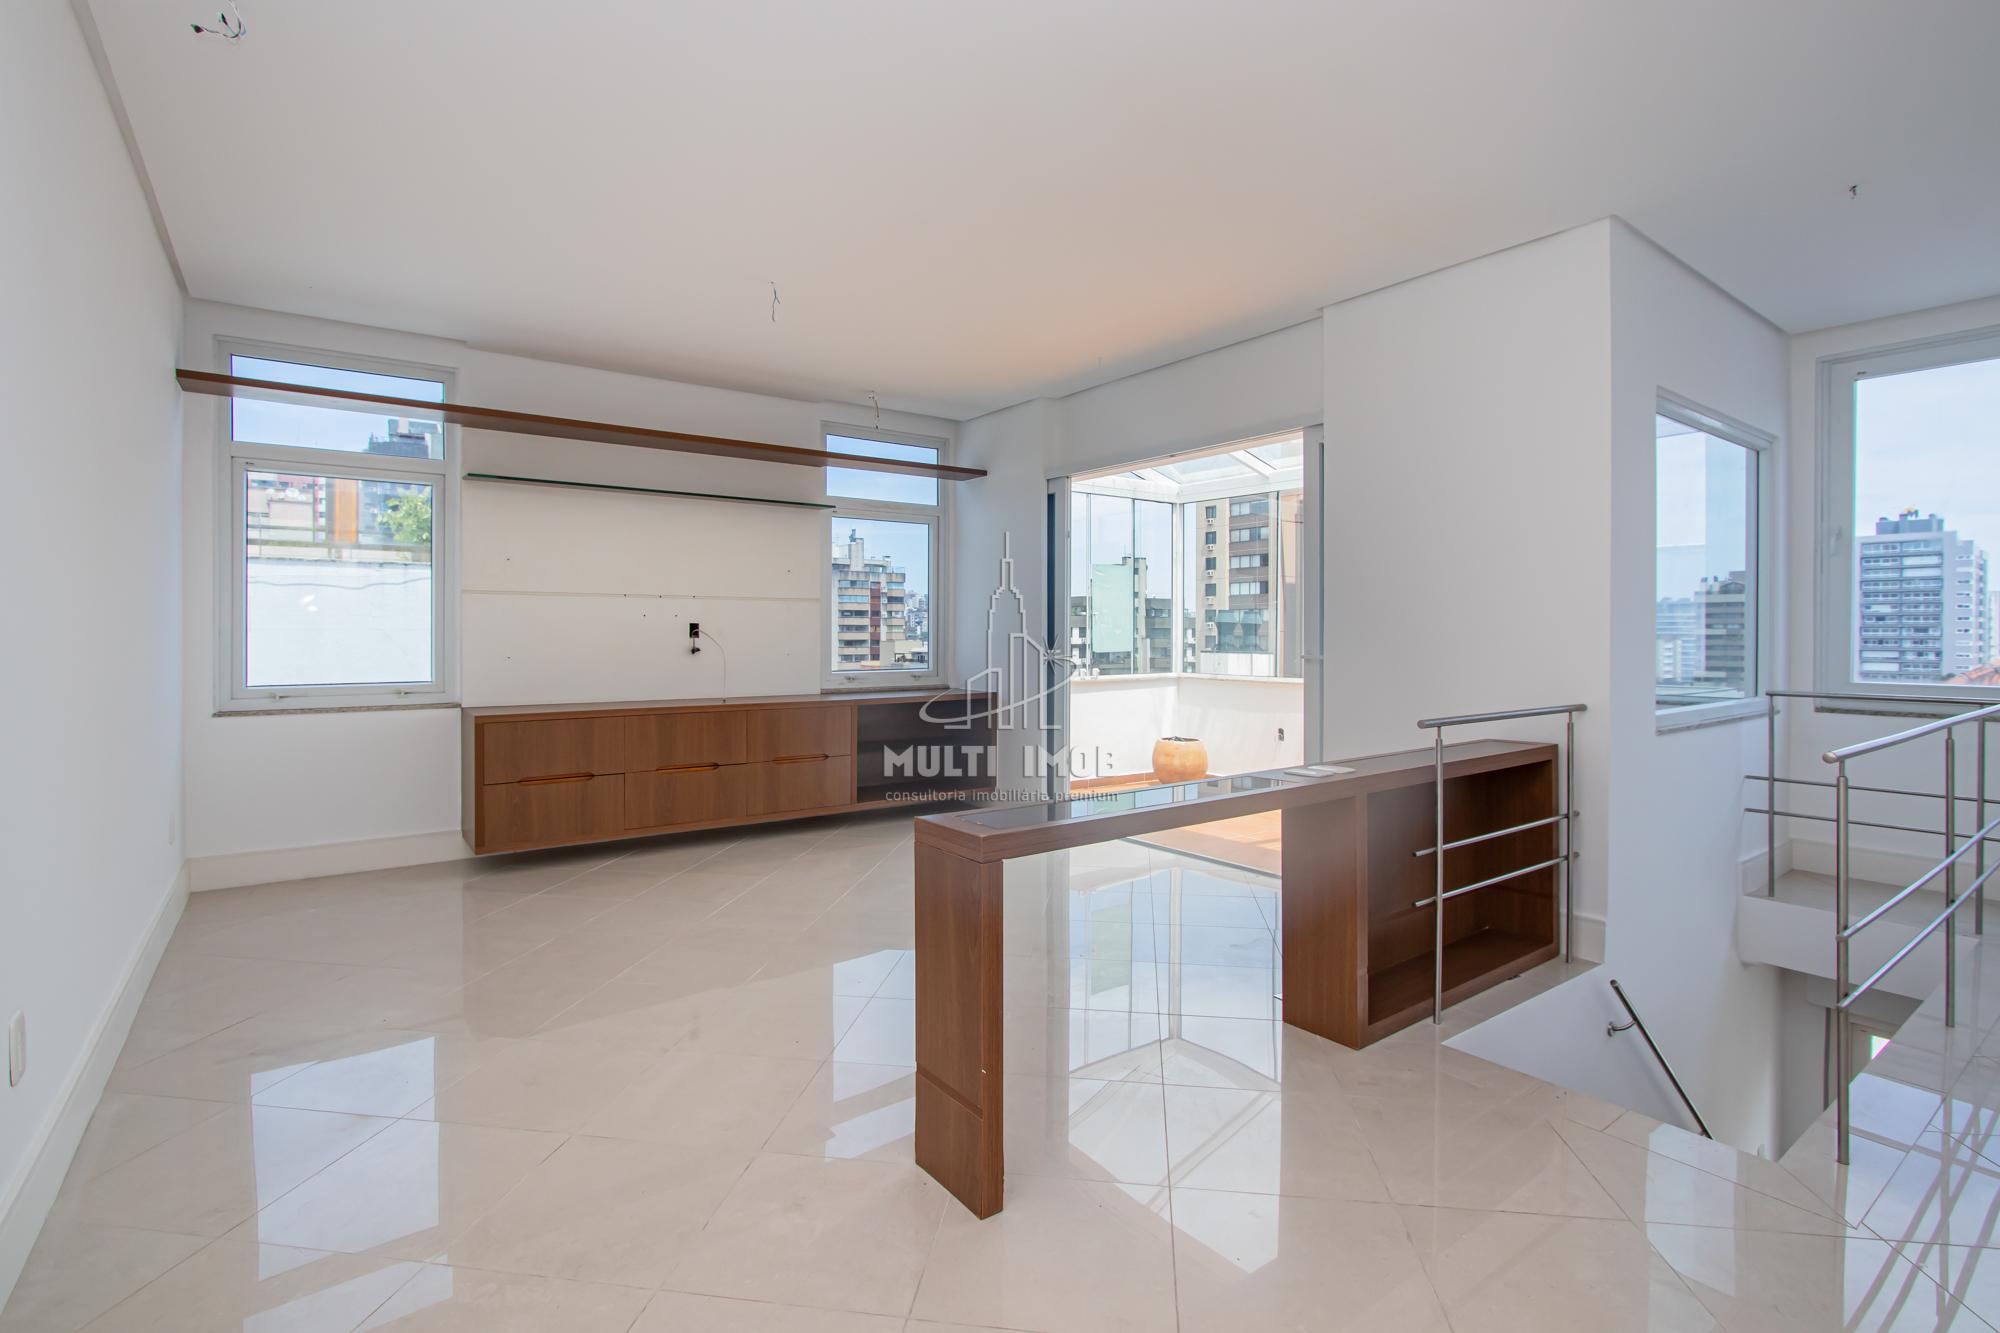 Cobertura  2 Dormitórios  1 Suíte  1 Vaga de Garagem Venda Bairro Moinhos de Vento em Porto Alegre RS